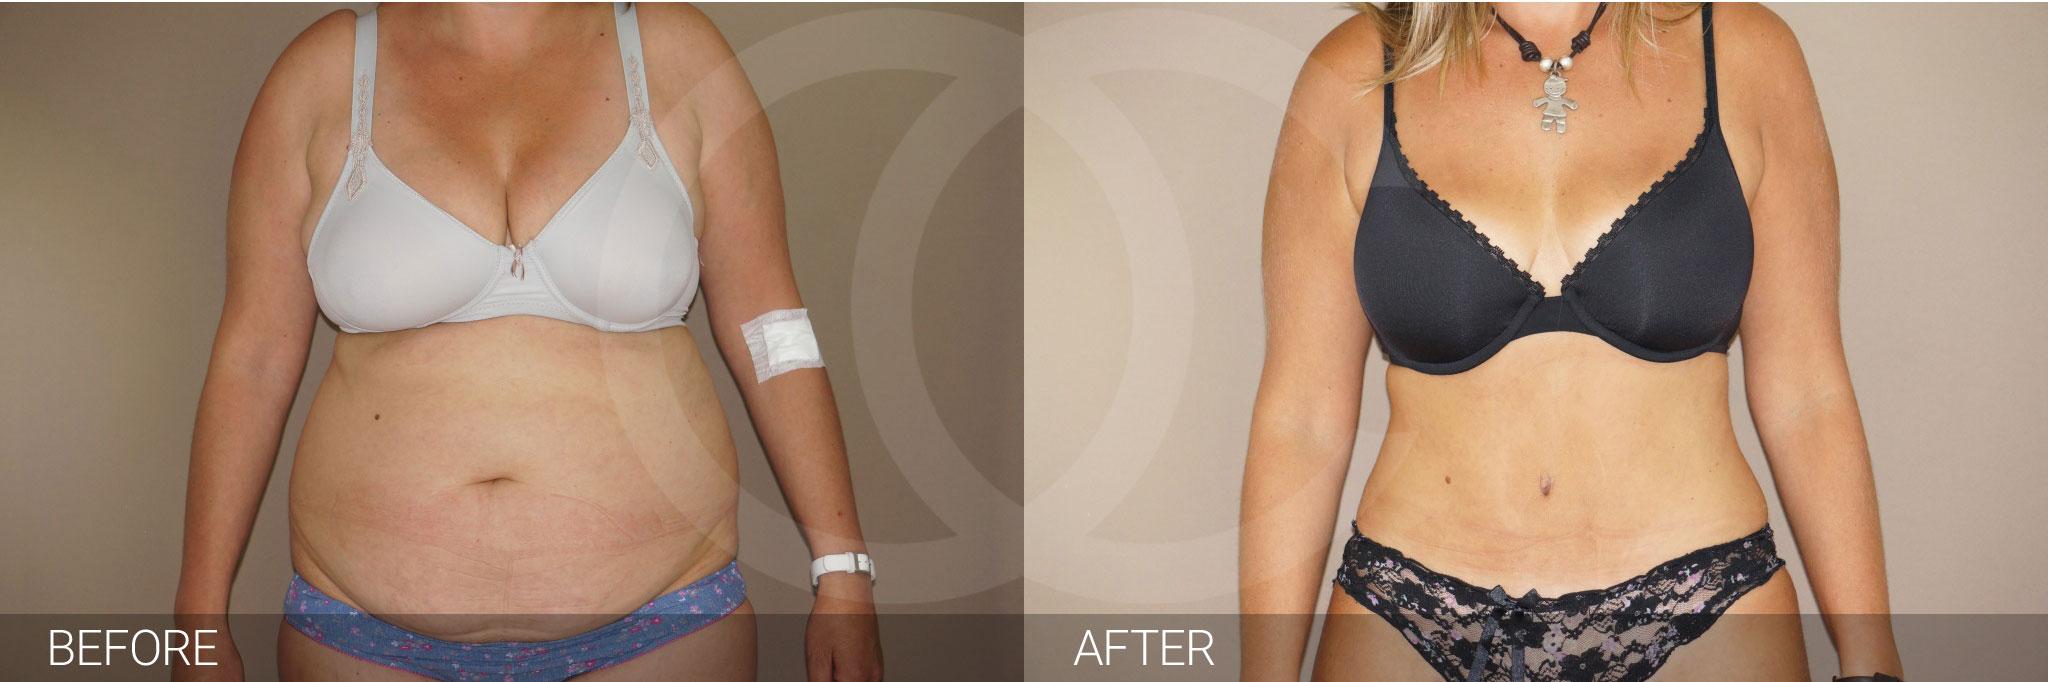 Bauchdeckenstraffung Abdominoplastik ante/post-op I